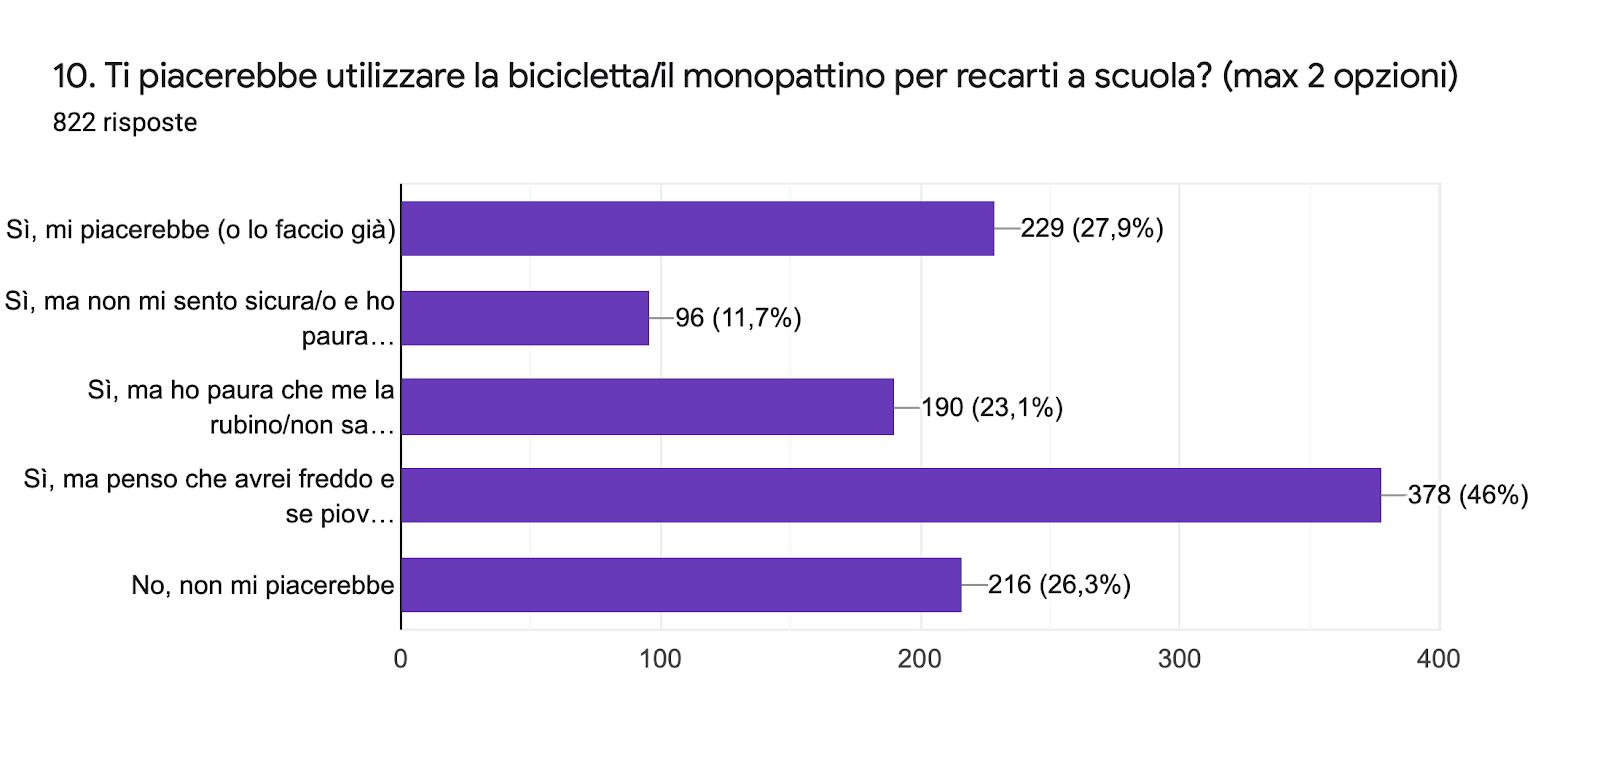 Grafico delle risposte di Moduli. Titolo della domanda: 10. Ti piacerebbe utilizzare la bicicletta/il monopattino per recarti a scuola? (max 2 opzioni). Numero di risposte: 822 risposte.